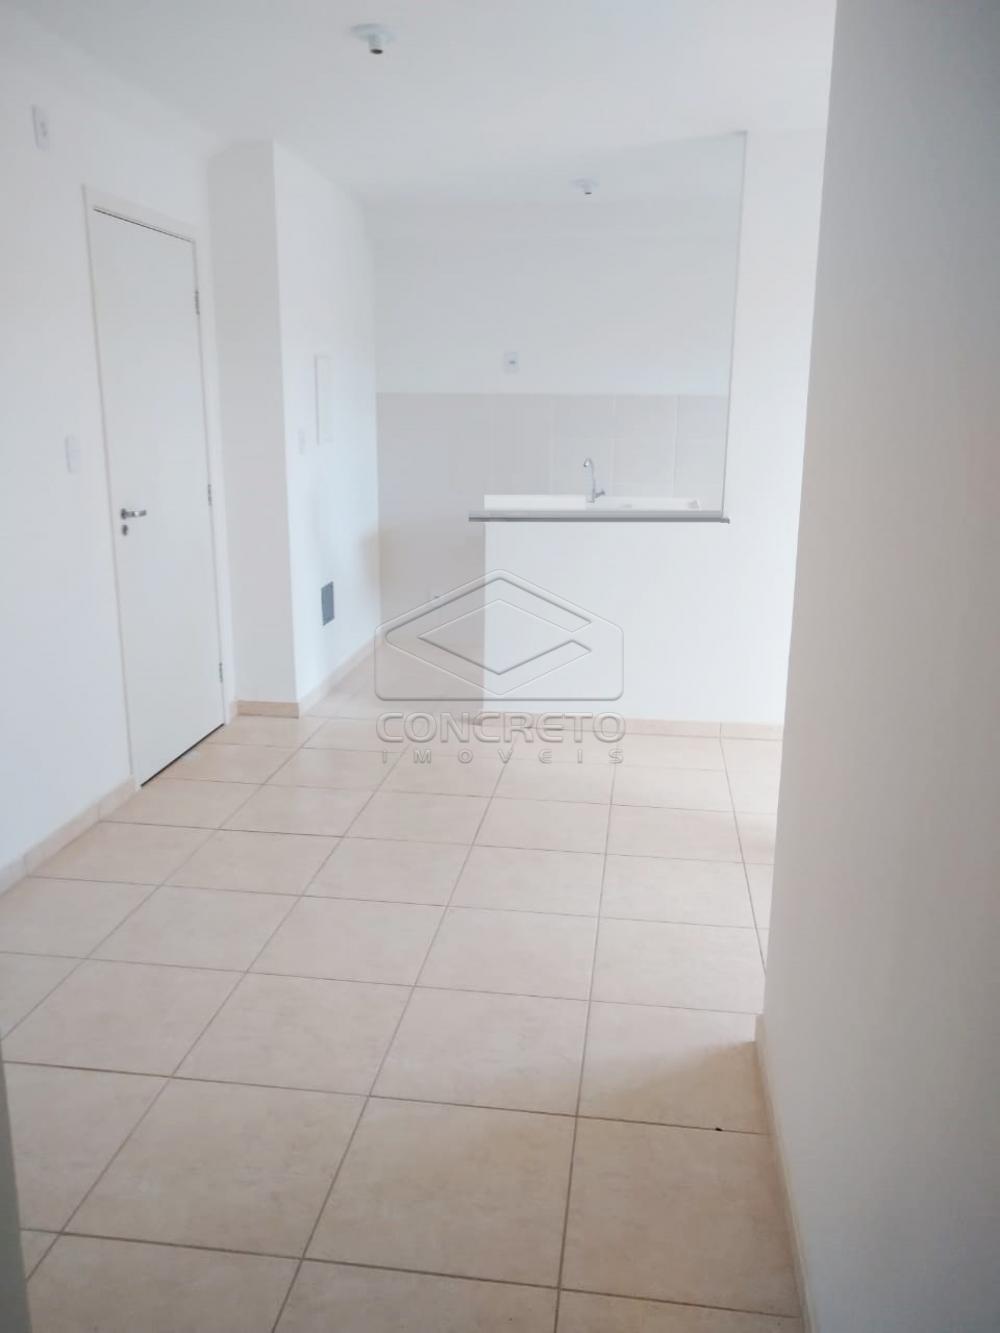 Comprar Apartamento / Padrão em Jaú apenas R$ 170.000,00 - Foto 1